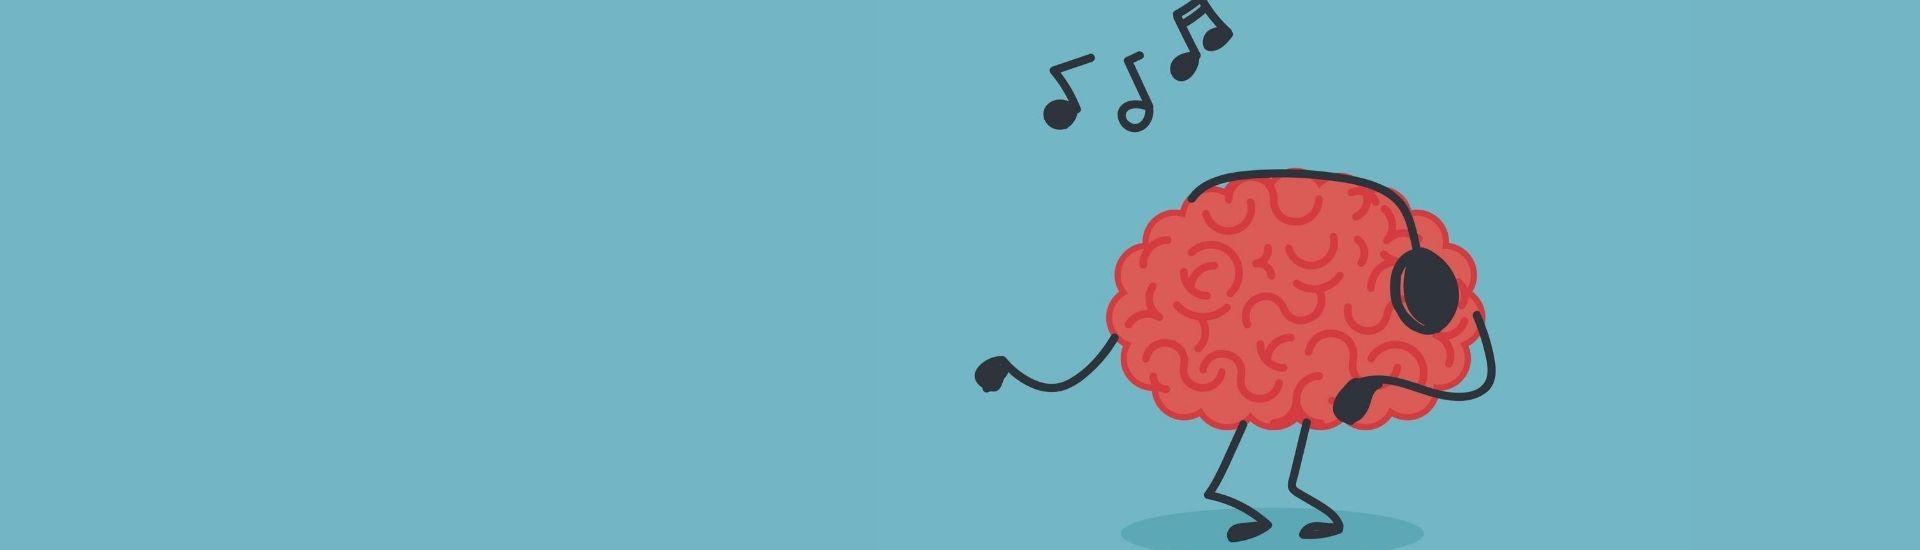 Ilustración de un cerebro con unos audífonos